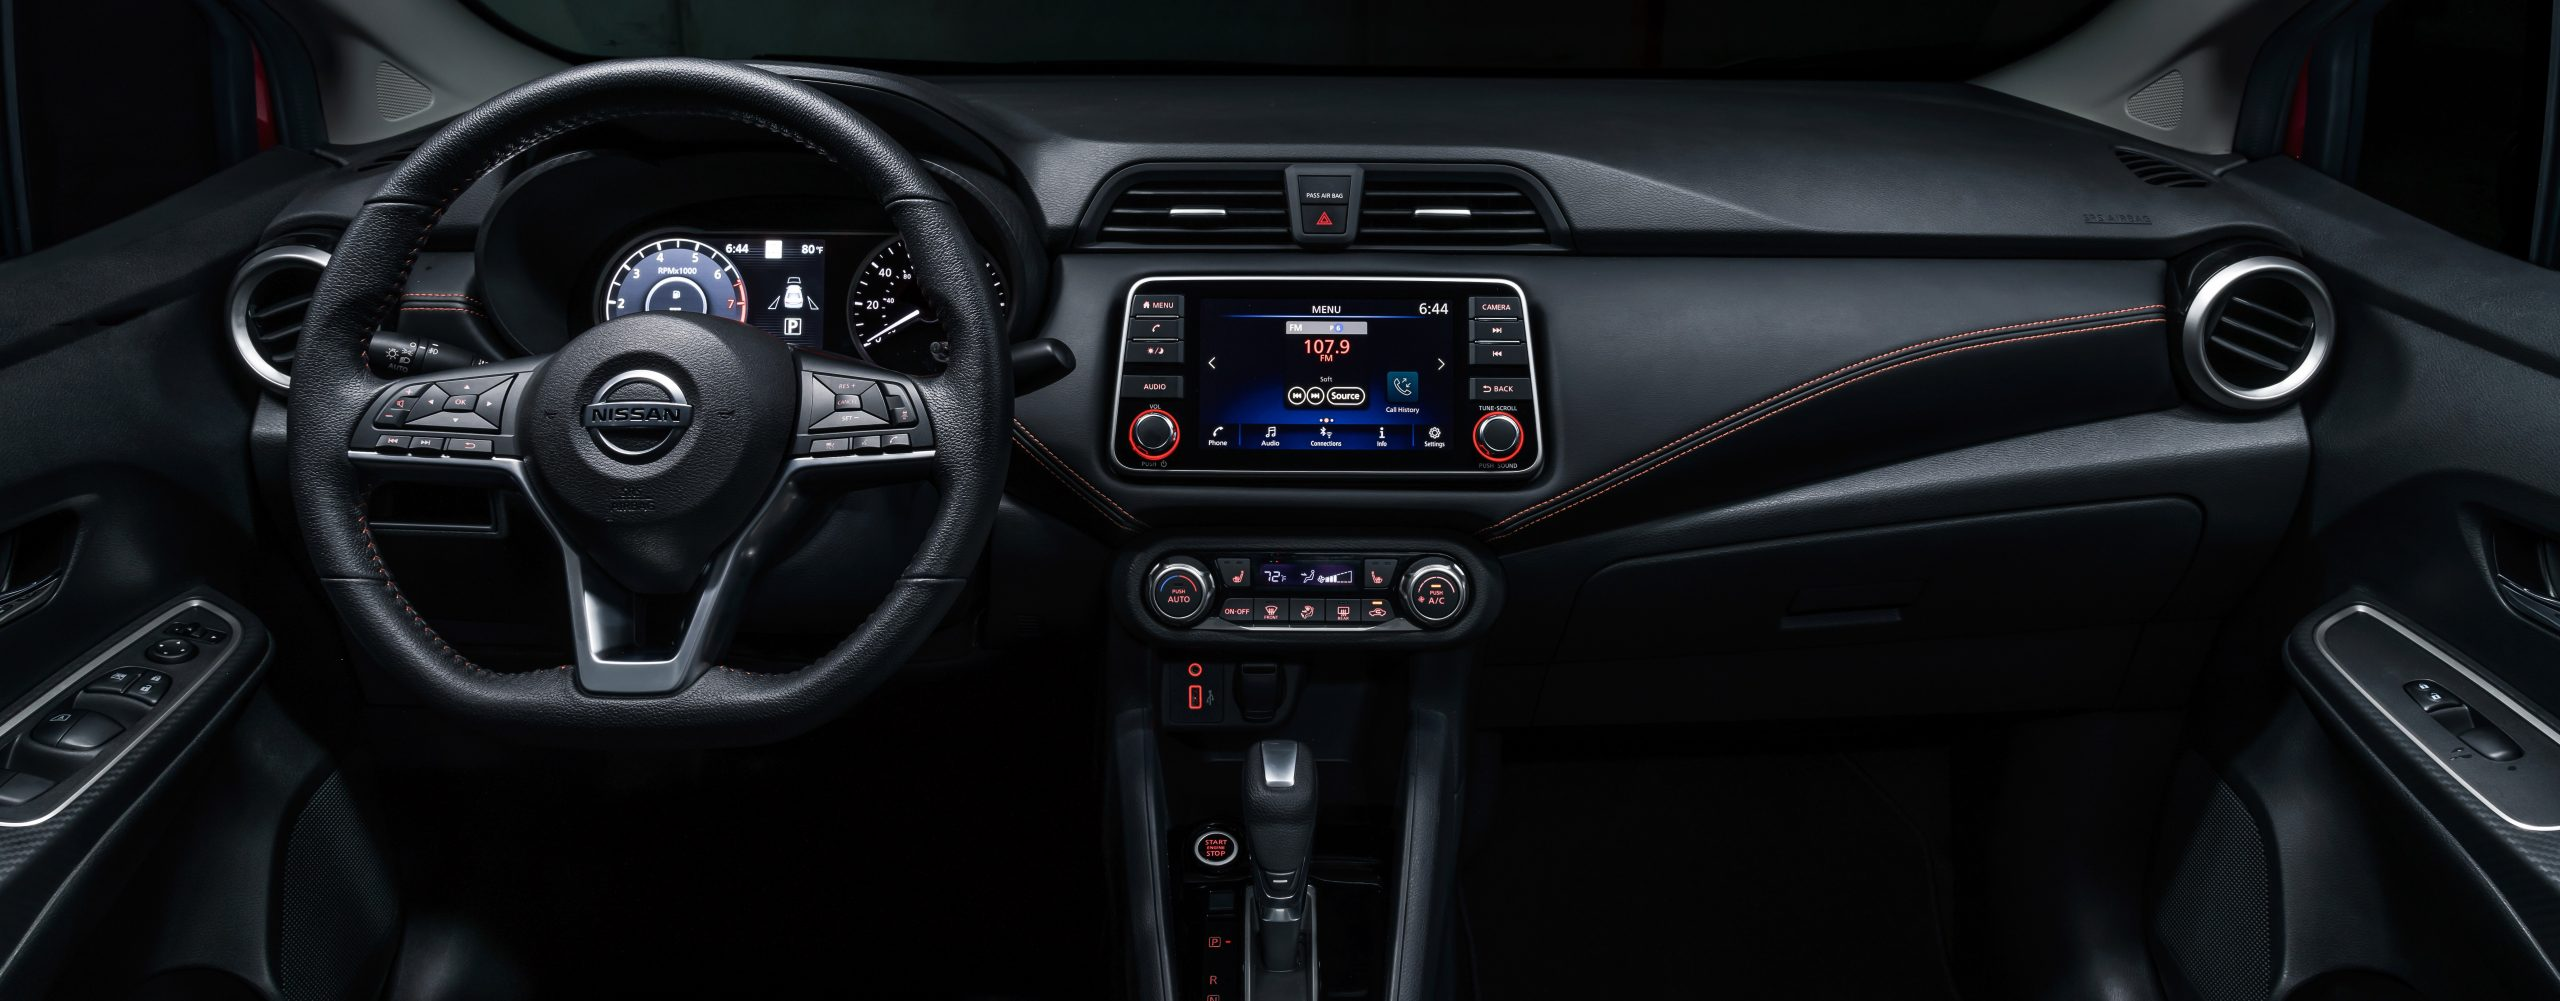 Nissan Versa interior